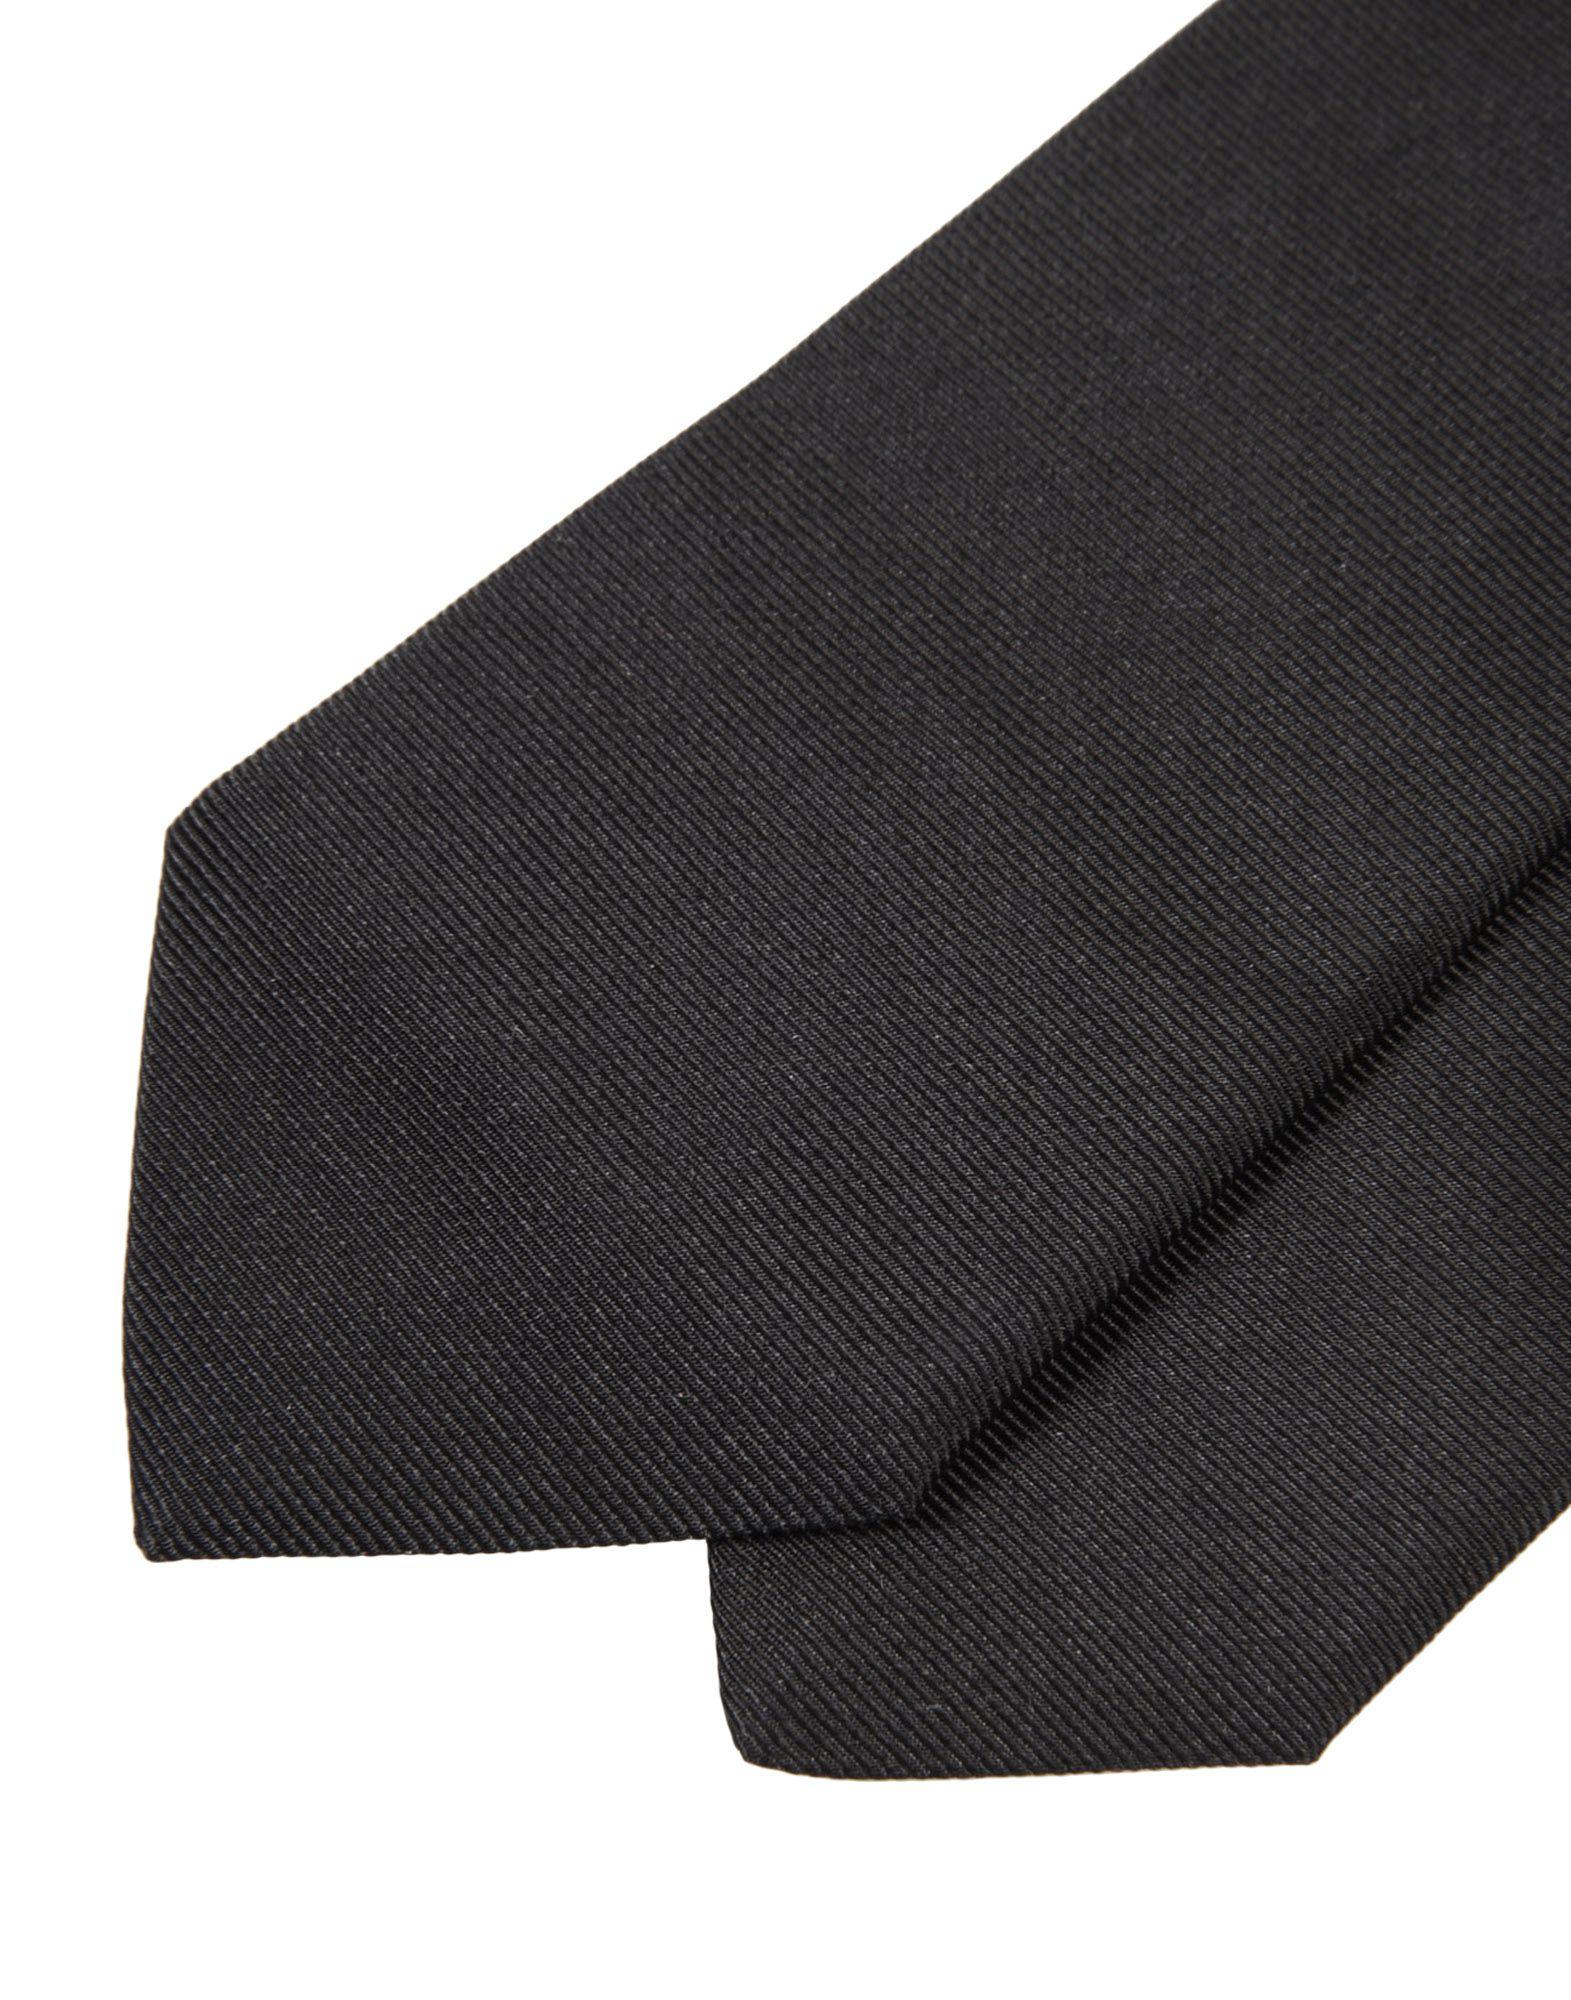 Krawatte - JIL SANDER Online Store